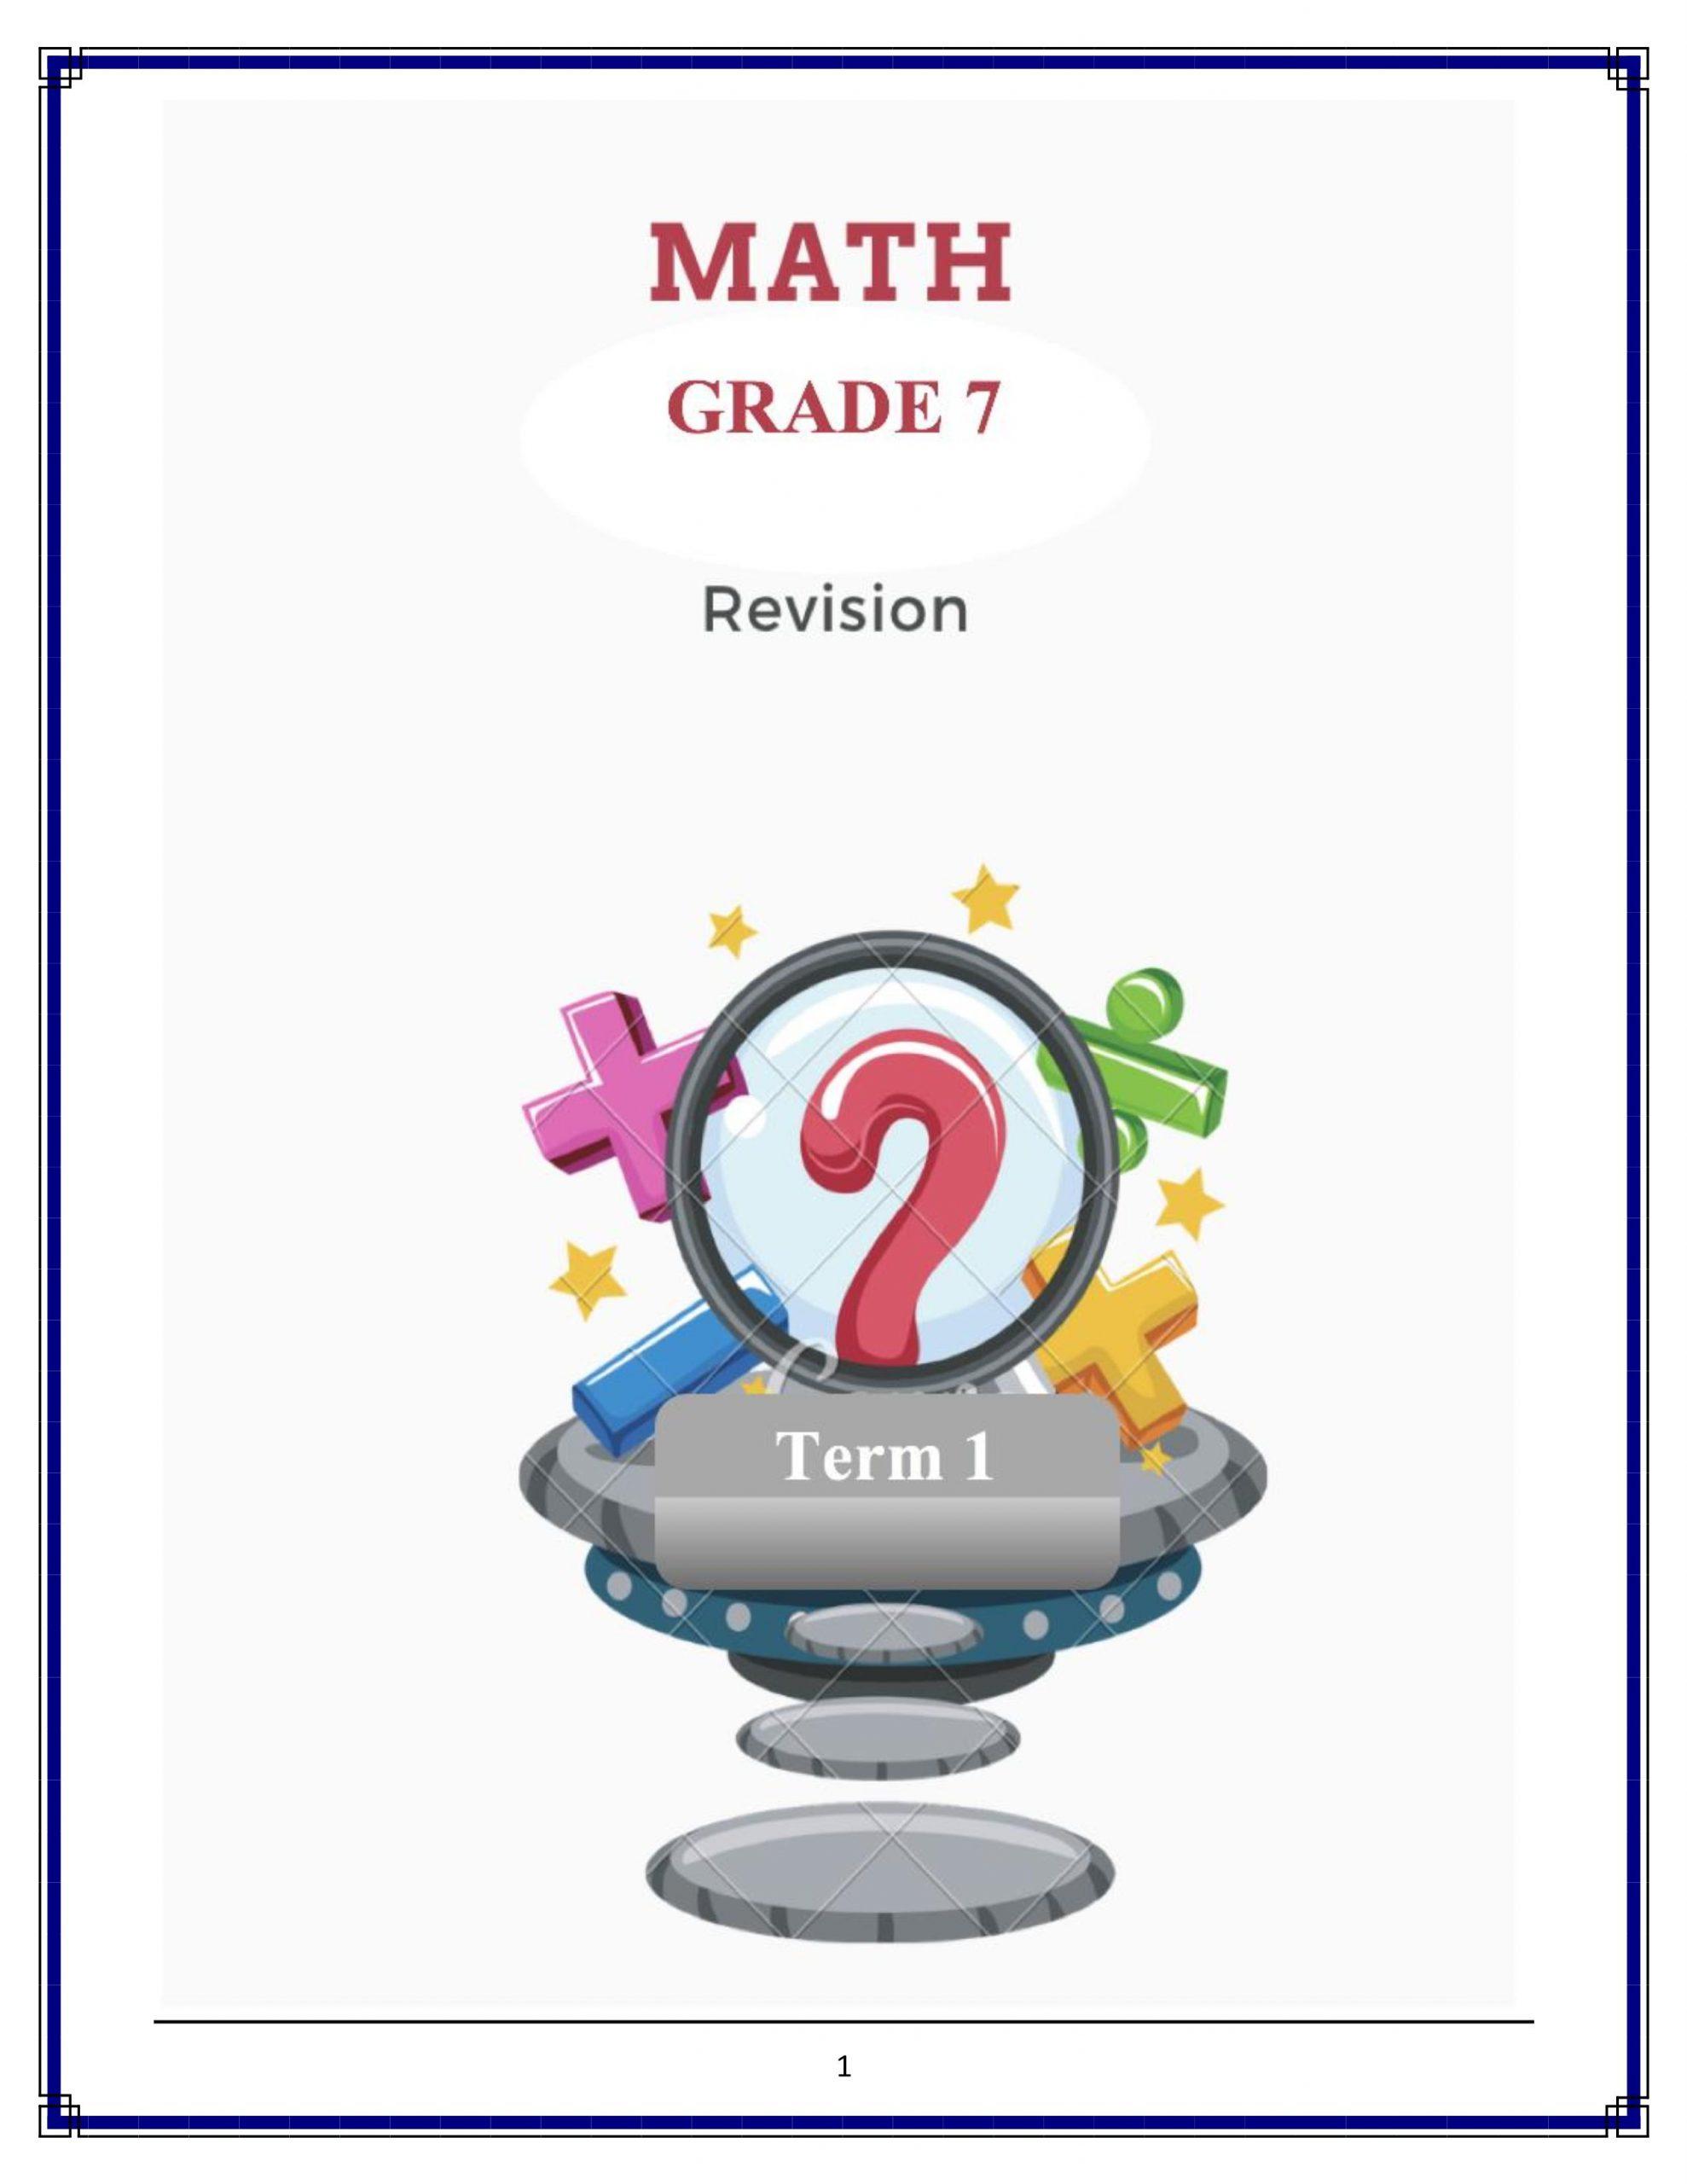 اوراق عمل مراجعة بالانجليزي الصف السابع مادة الرياضيات المتكاملة